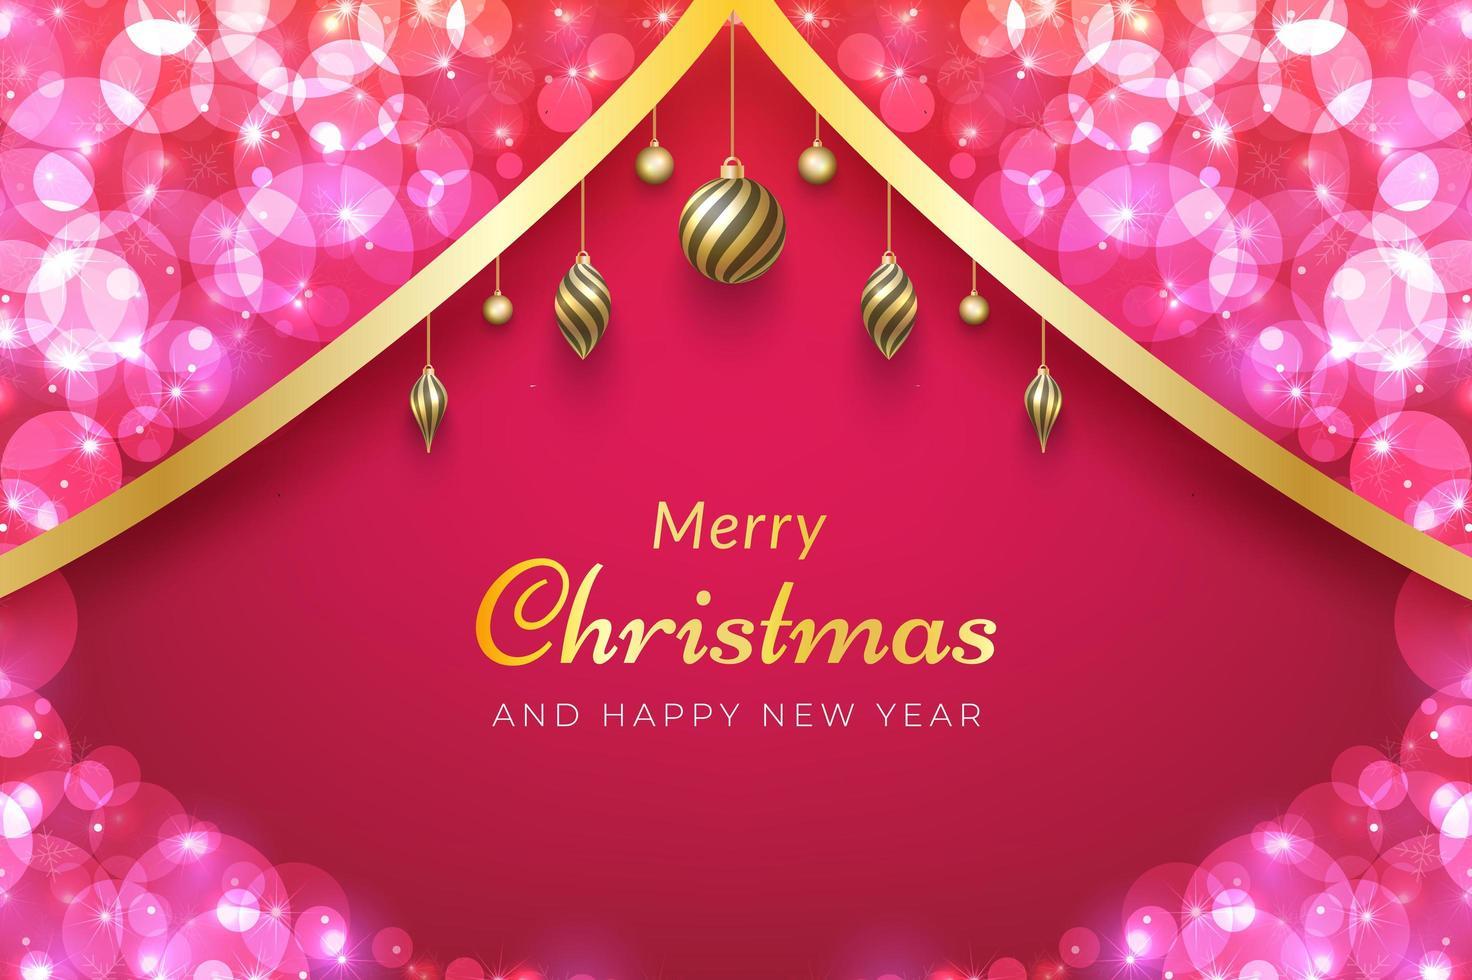 sfondo di Natale con nastro d'oro, ornamenti e bokeh rosa vettore